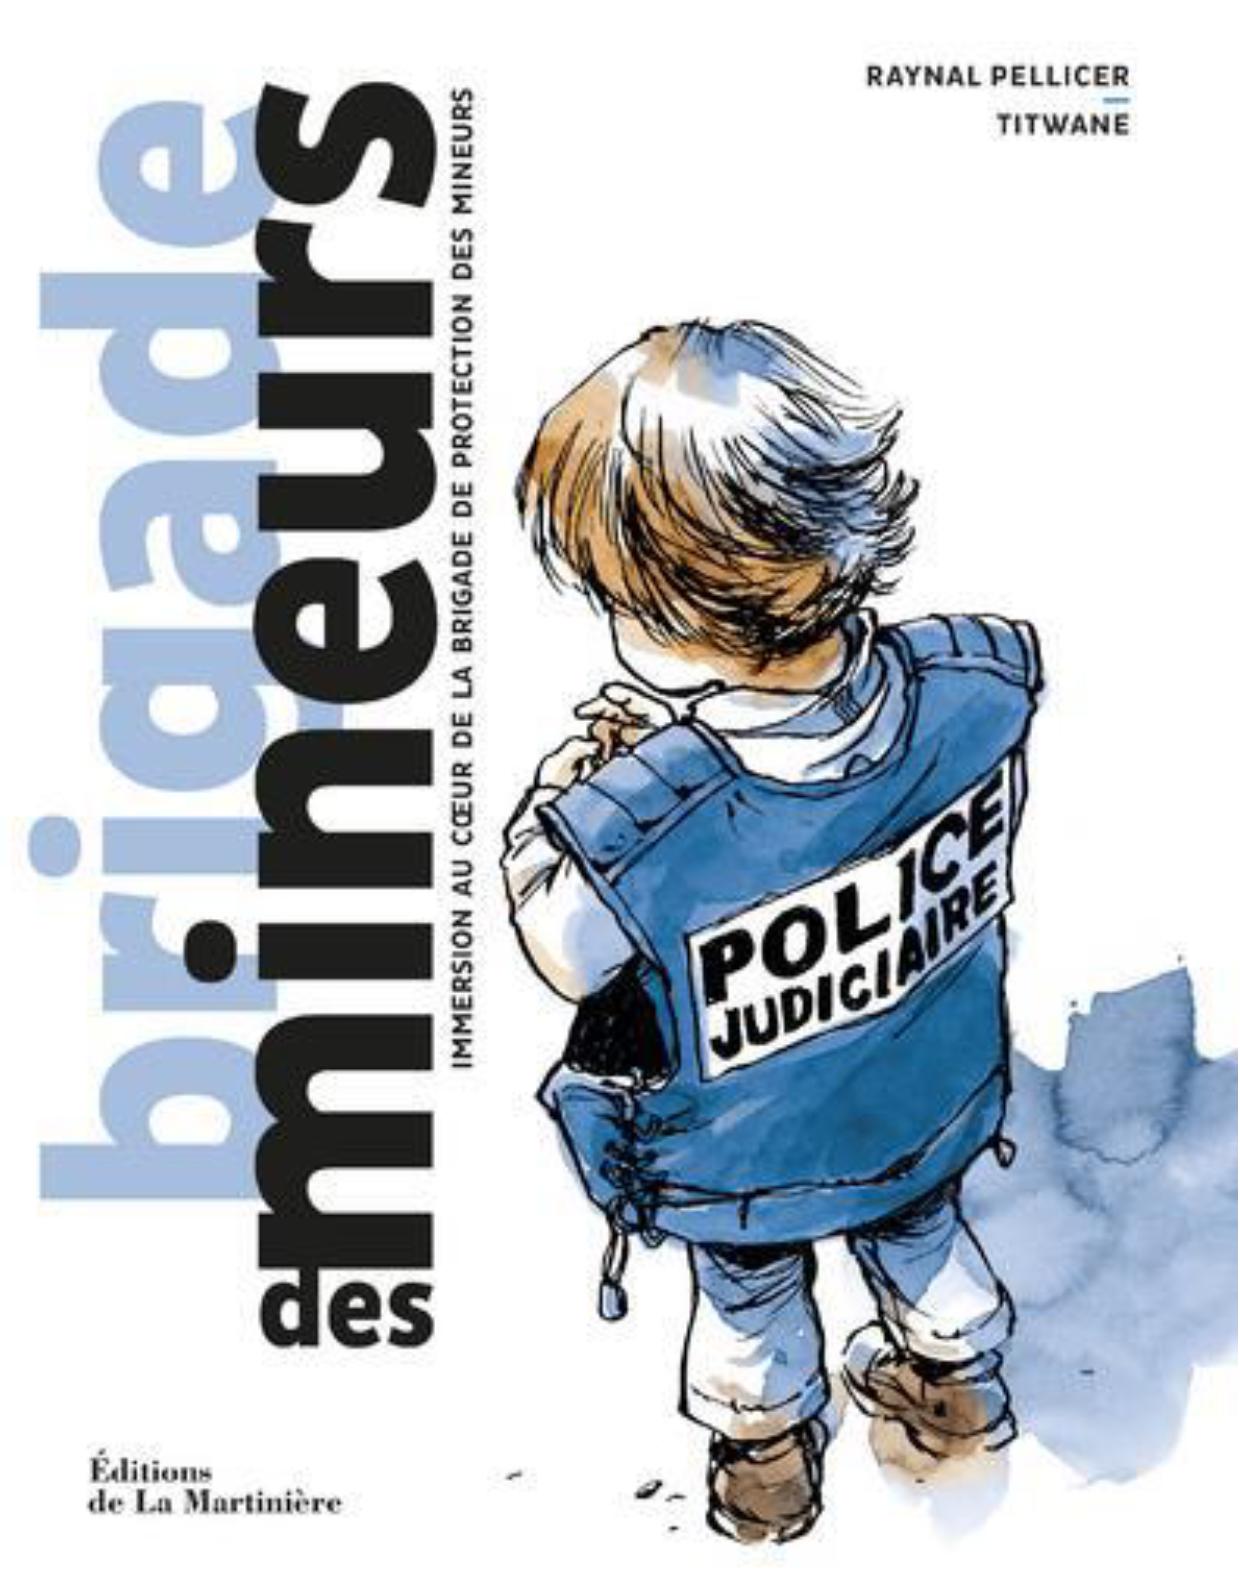 franceinfo remet le Prix de la BD d'actualité et de reportage